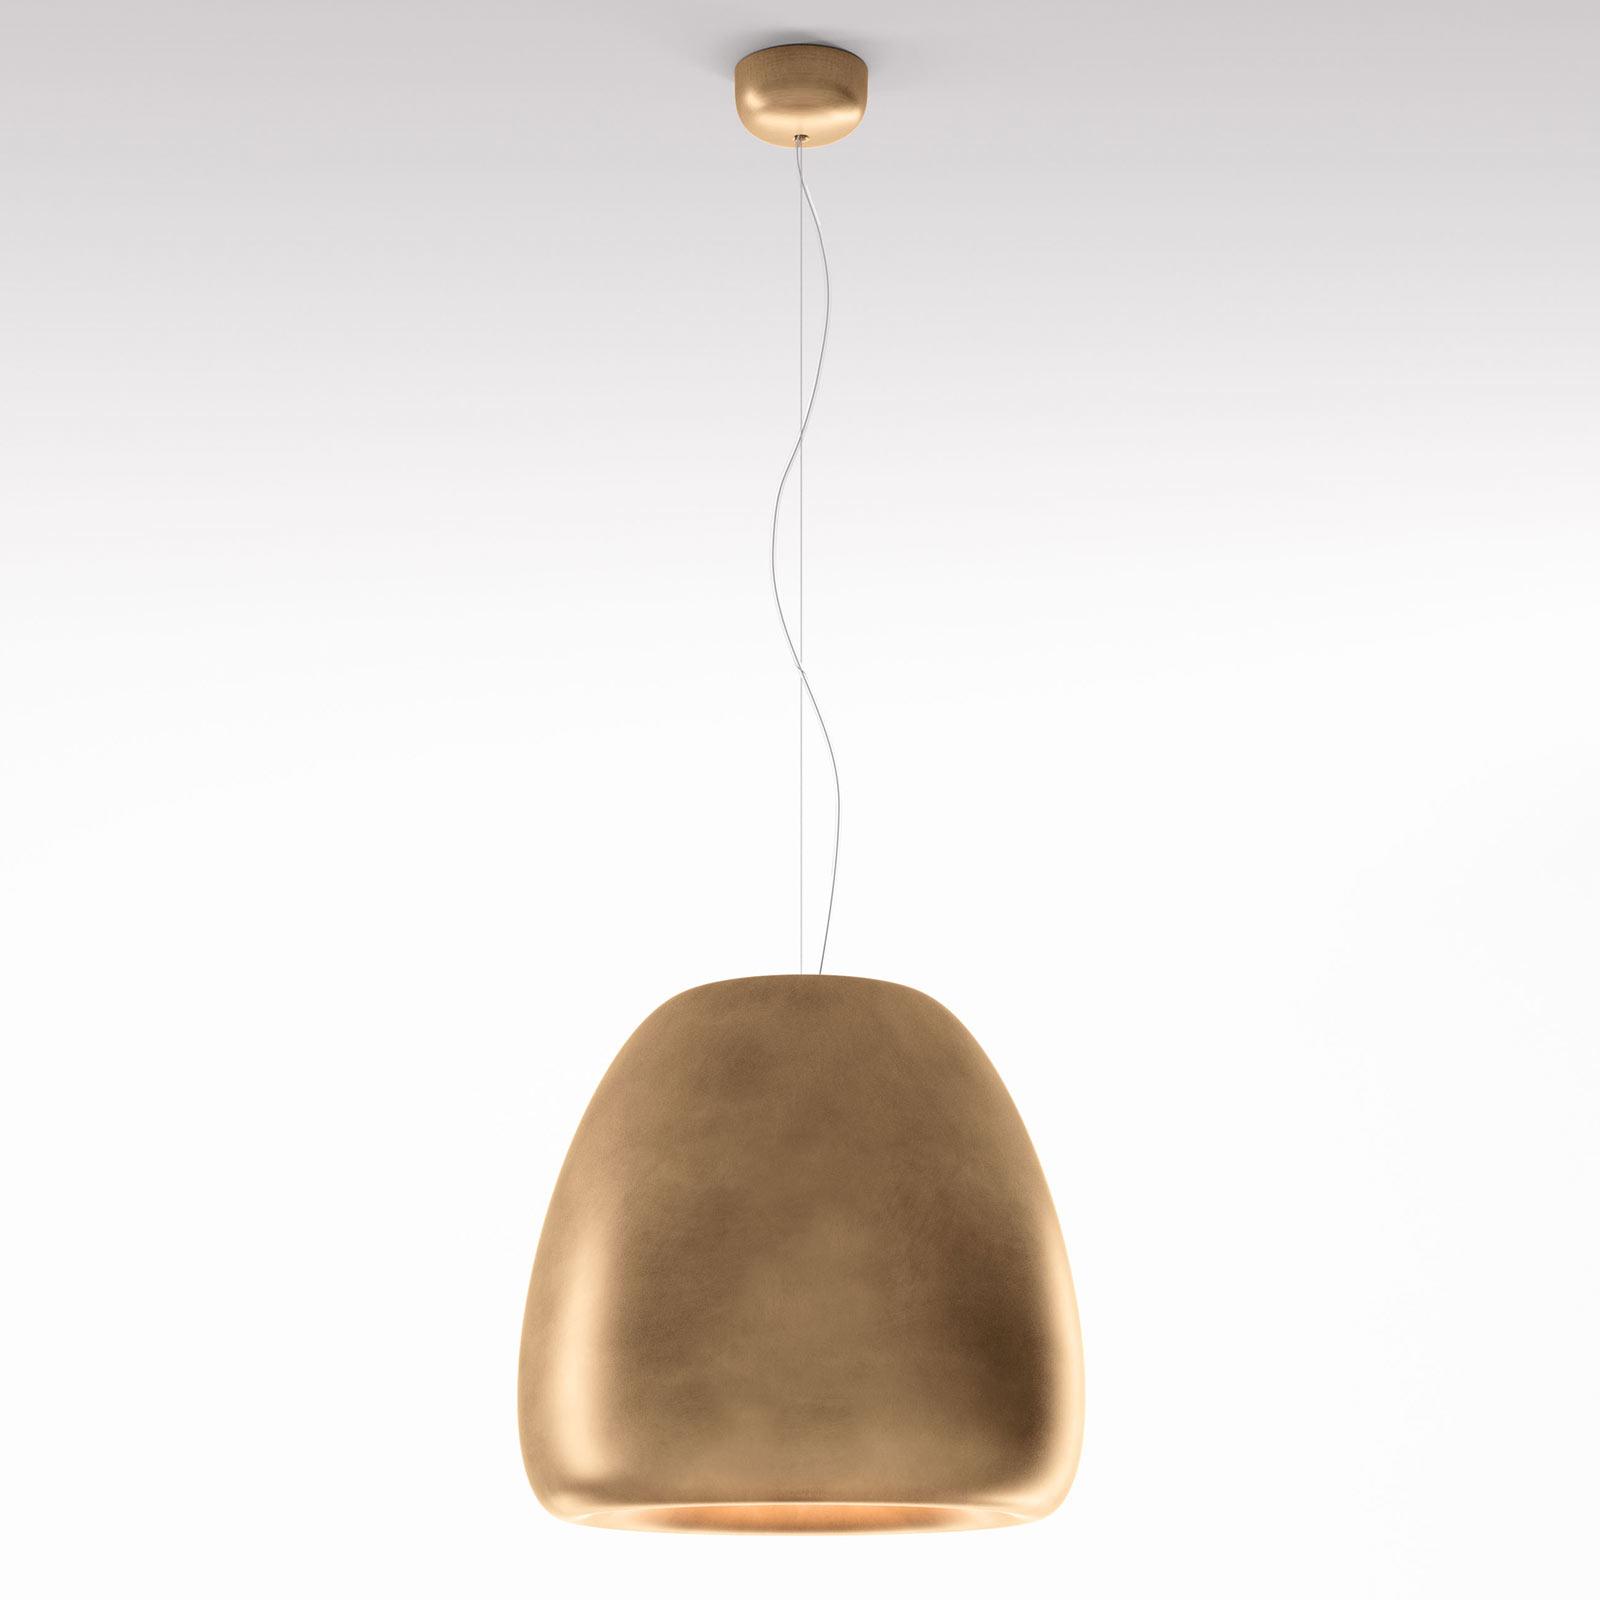 Rotaliana Pomi H1 sospensione oro, Ø 48,5 cm